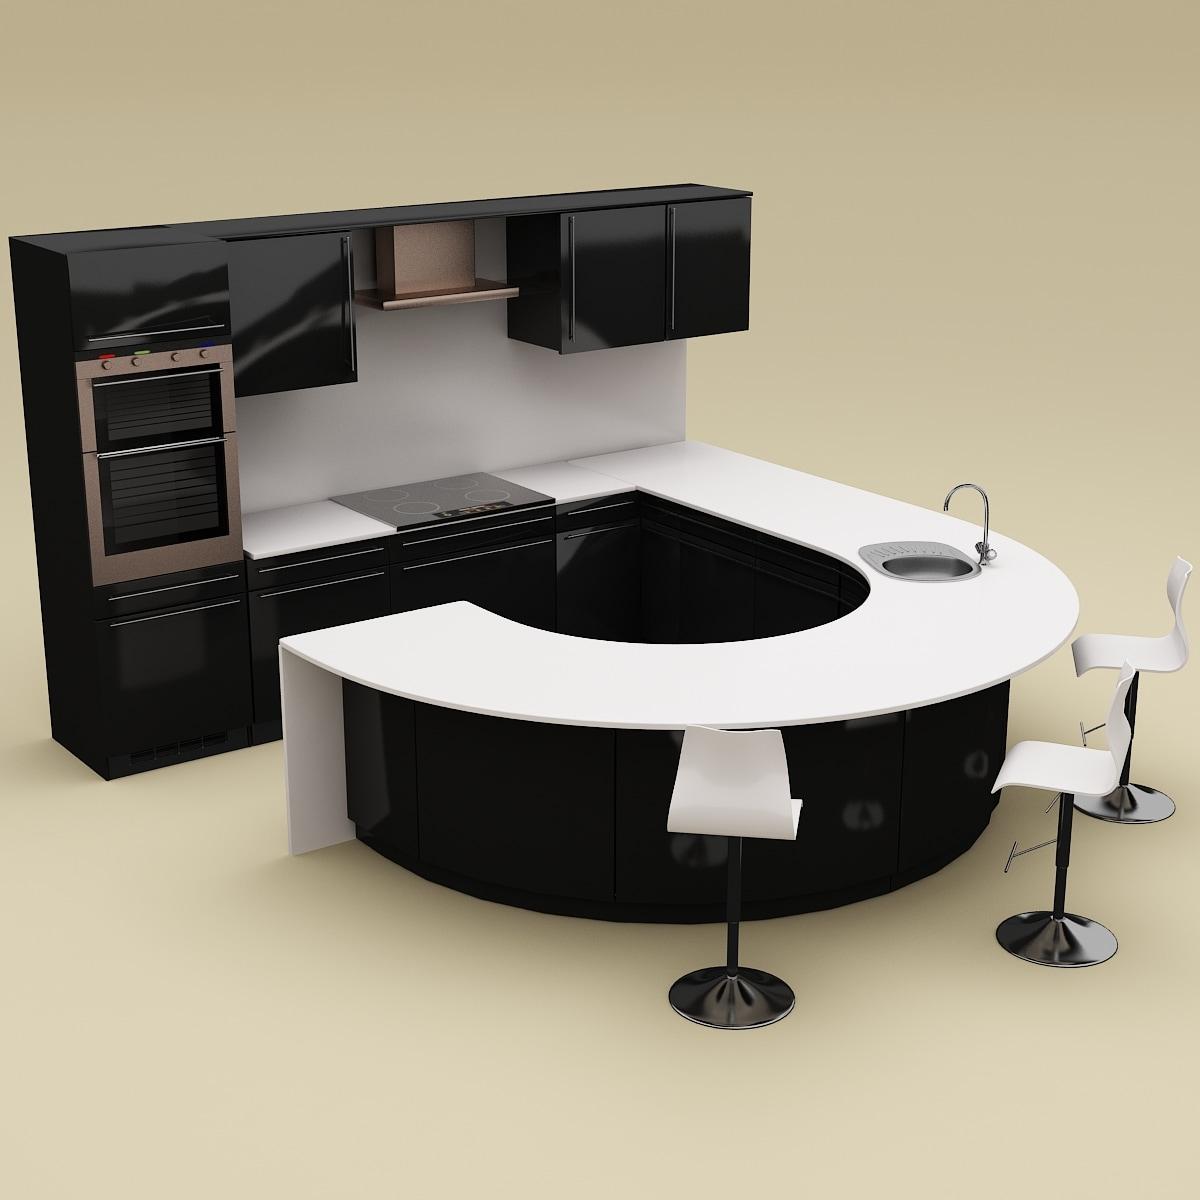 kitchen 16 3ds